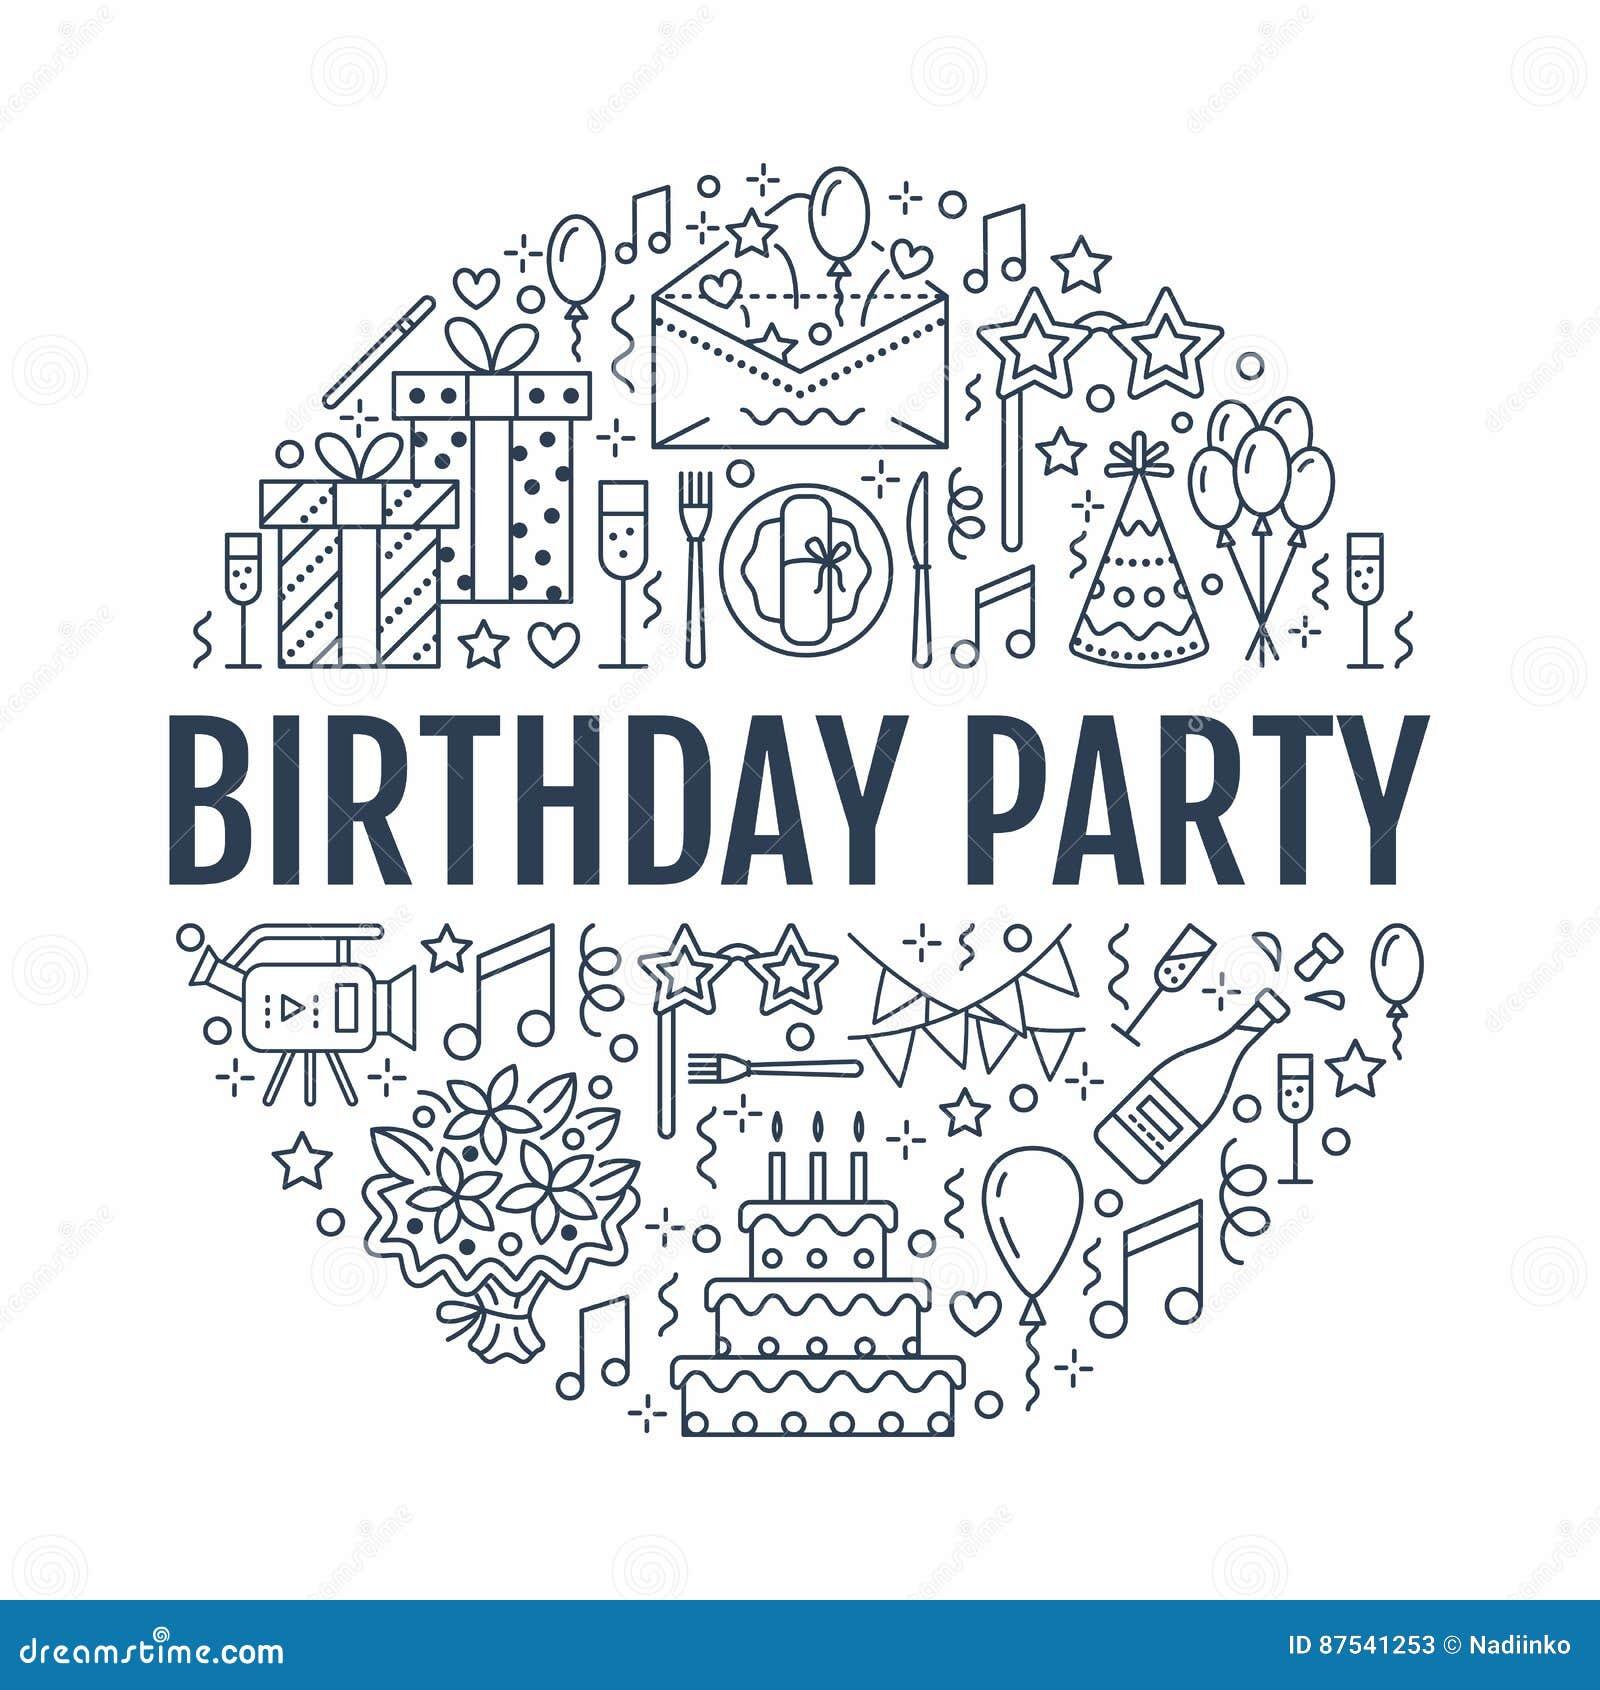 Agenzia di evento, insegna della festa di compleanno con la linea icona di approvvigionamento, torta di compleanno, decorazione d